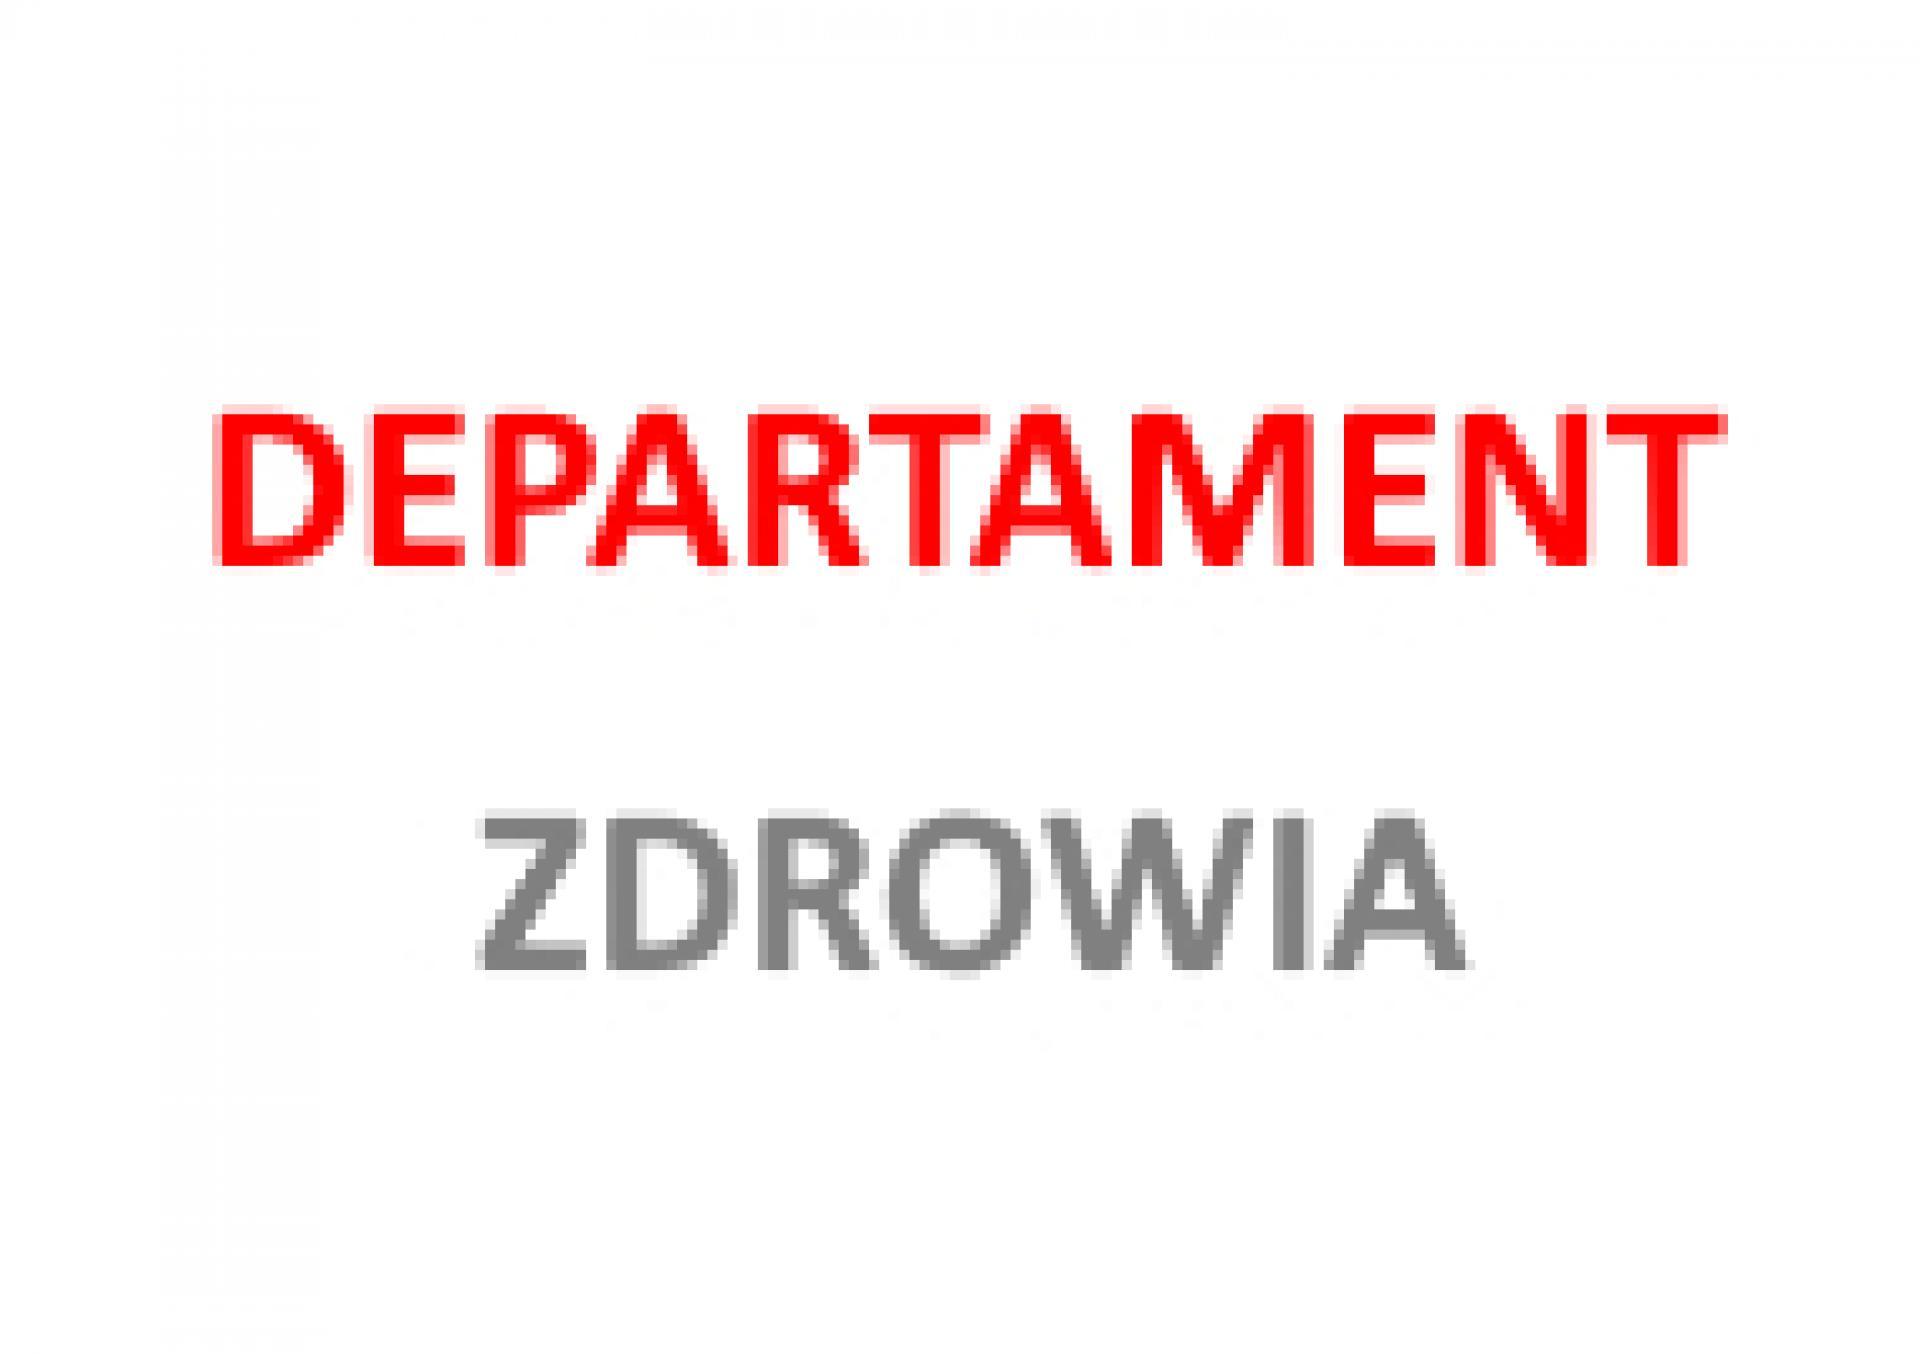 Konsultacje projektu uchwały Sejmiku w sprawie nadania statutu Specjalistycznemu Zespołowi Opieki Zdrowotnej nad Matką i Dzieckiem w Poznaniu - zobacz więcej